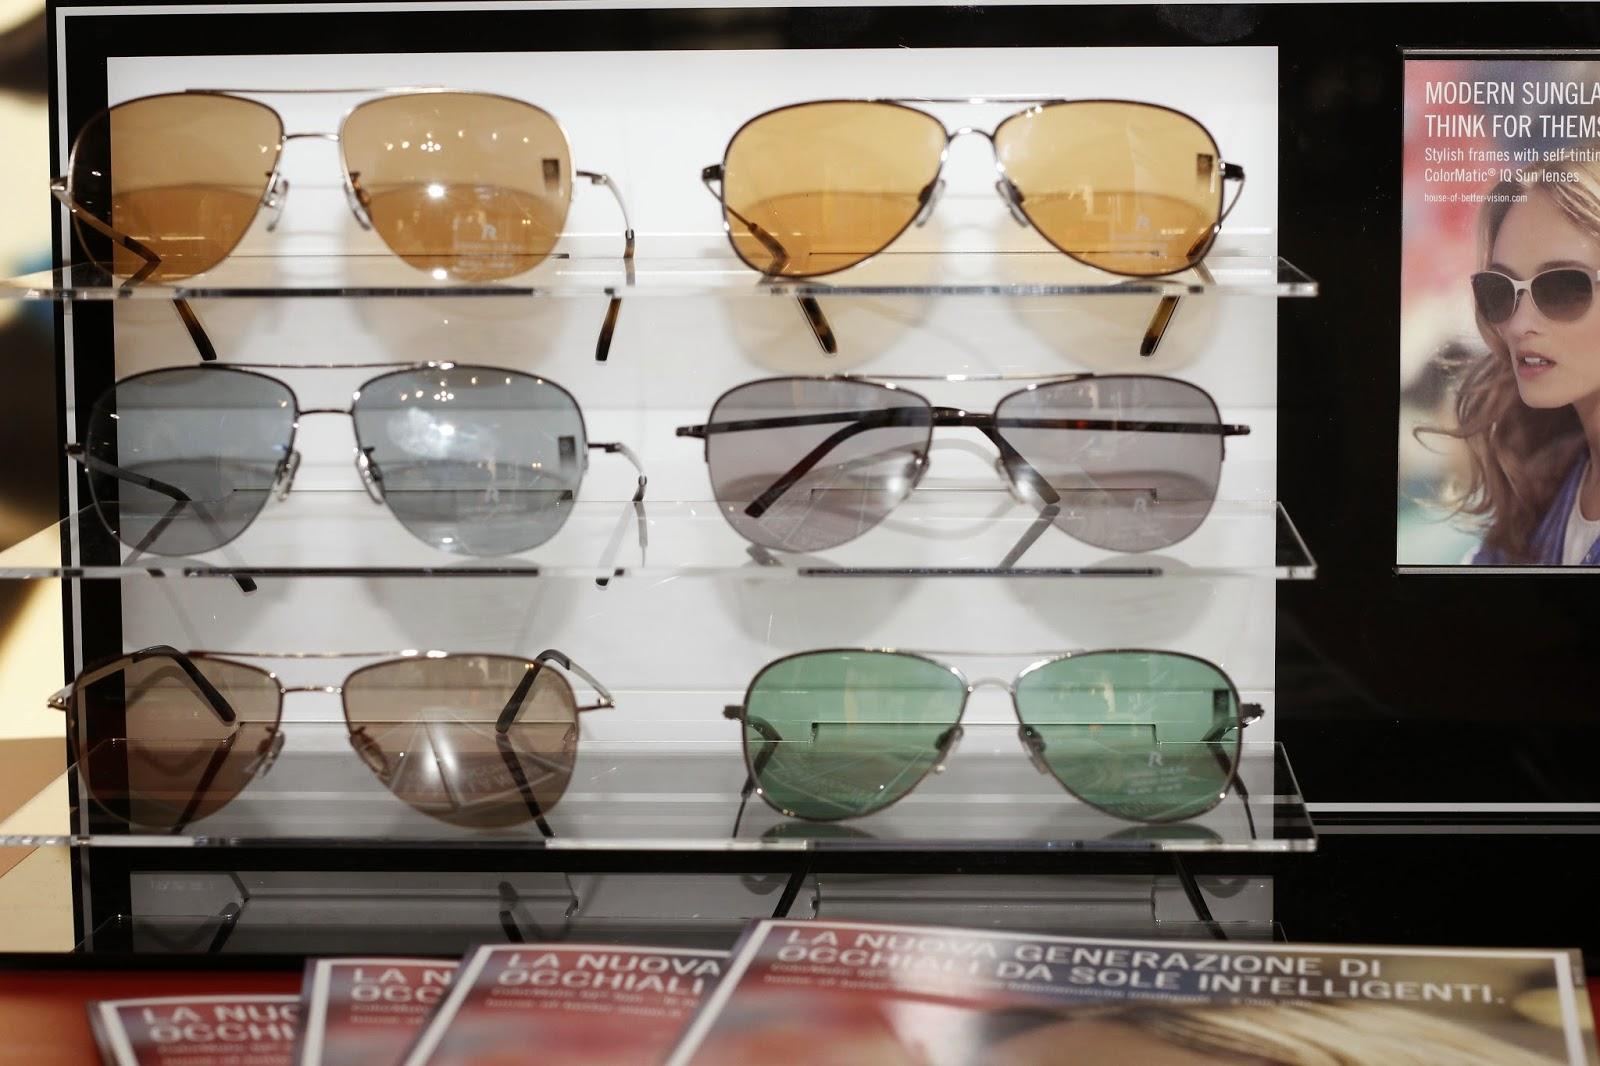 occhiali da sole intelligenti, rodestock, lente cromatiche a protezione solare, donna , uomo